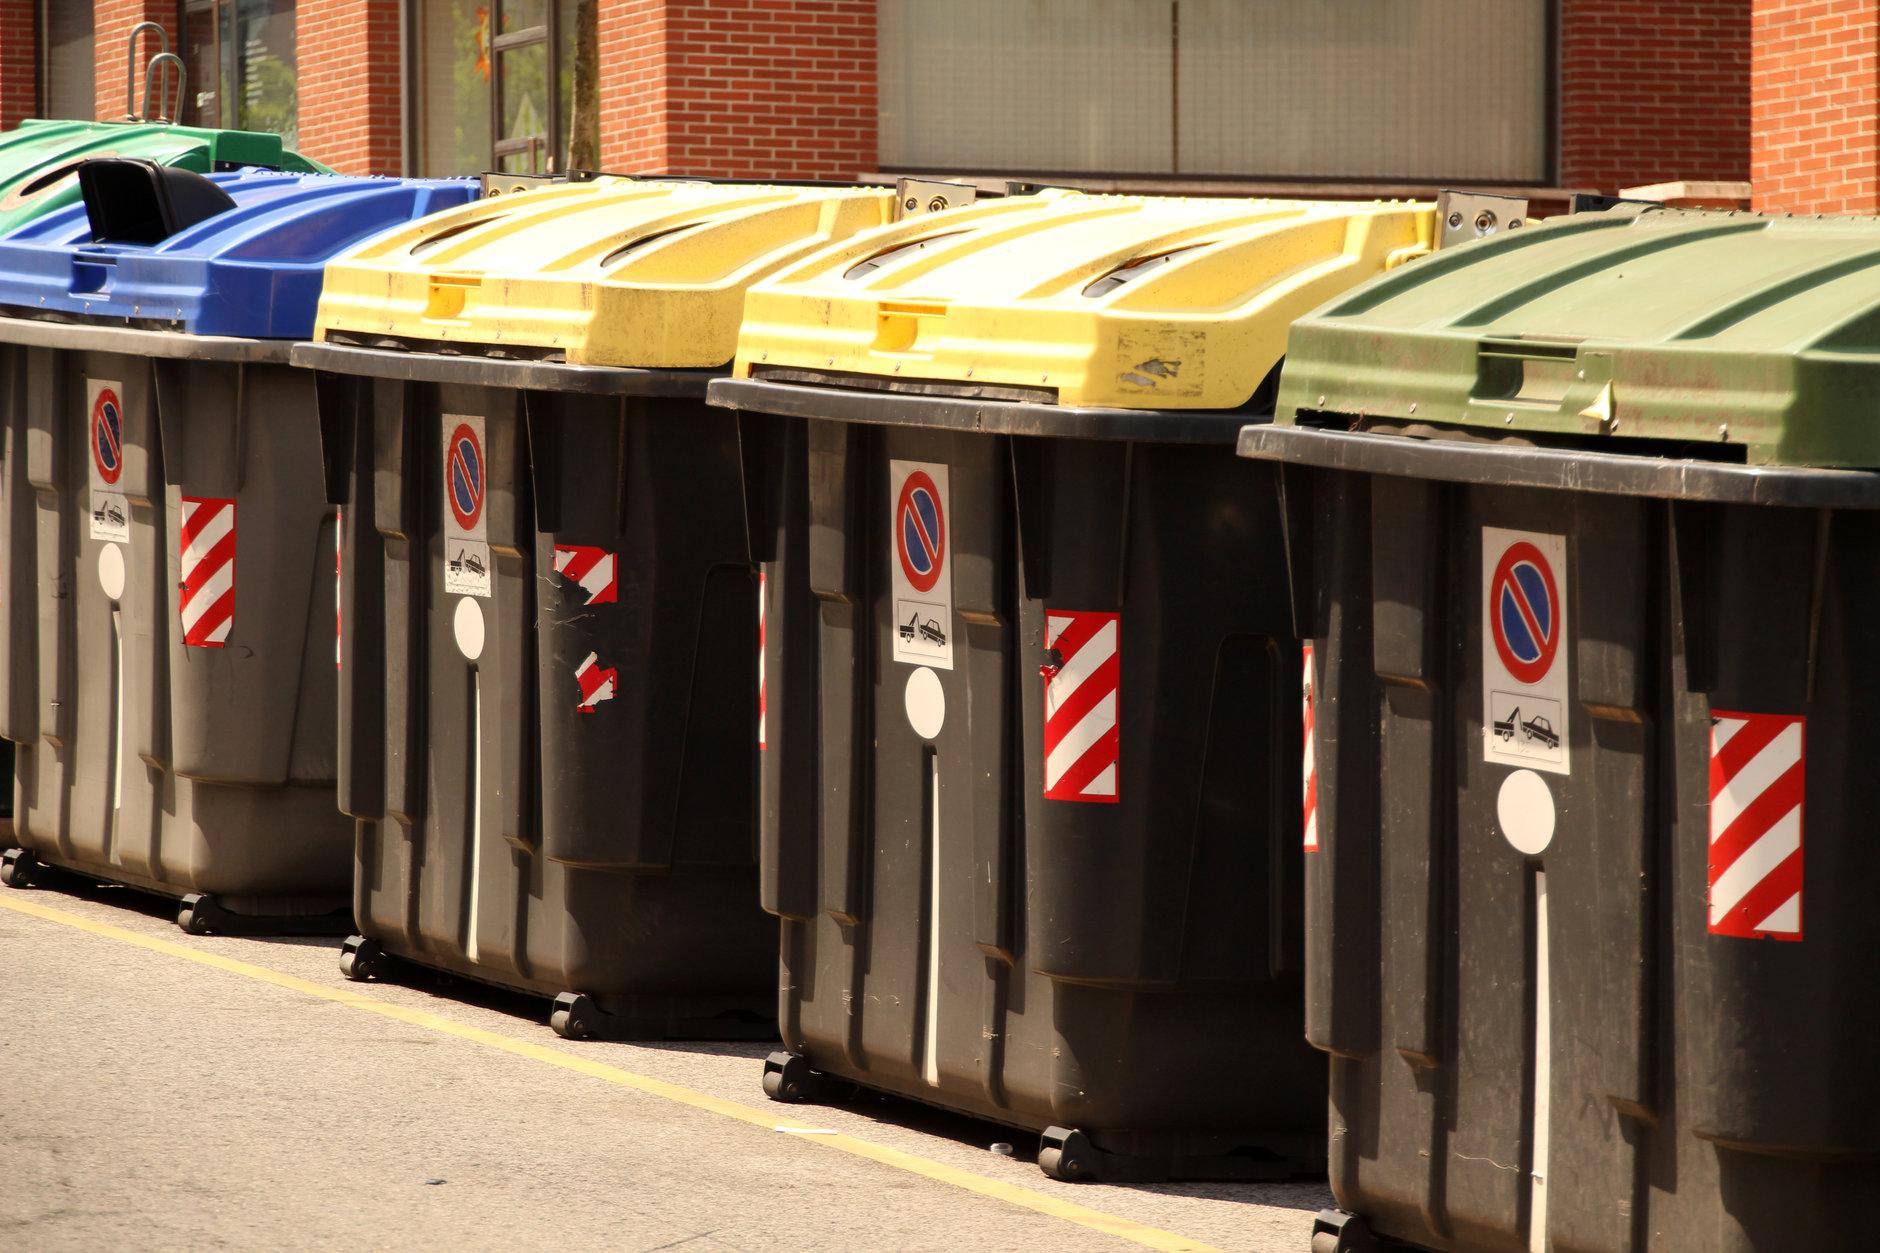 Na zakupy ze śmieciami? Właściciel Lidla wchodzi na polski rynek odpadów